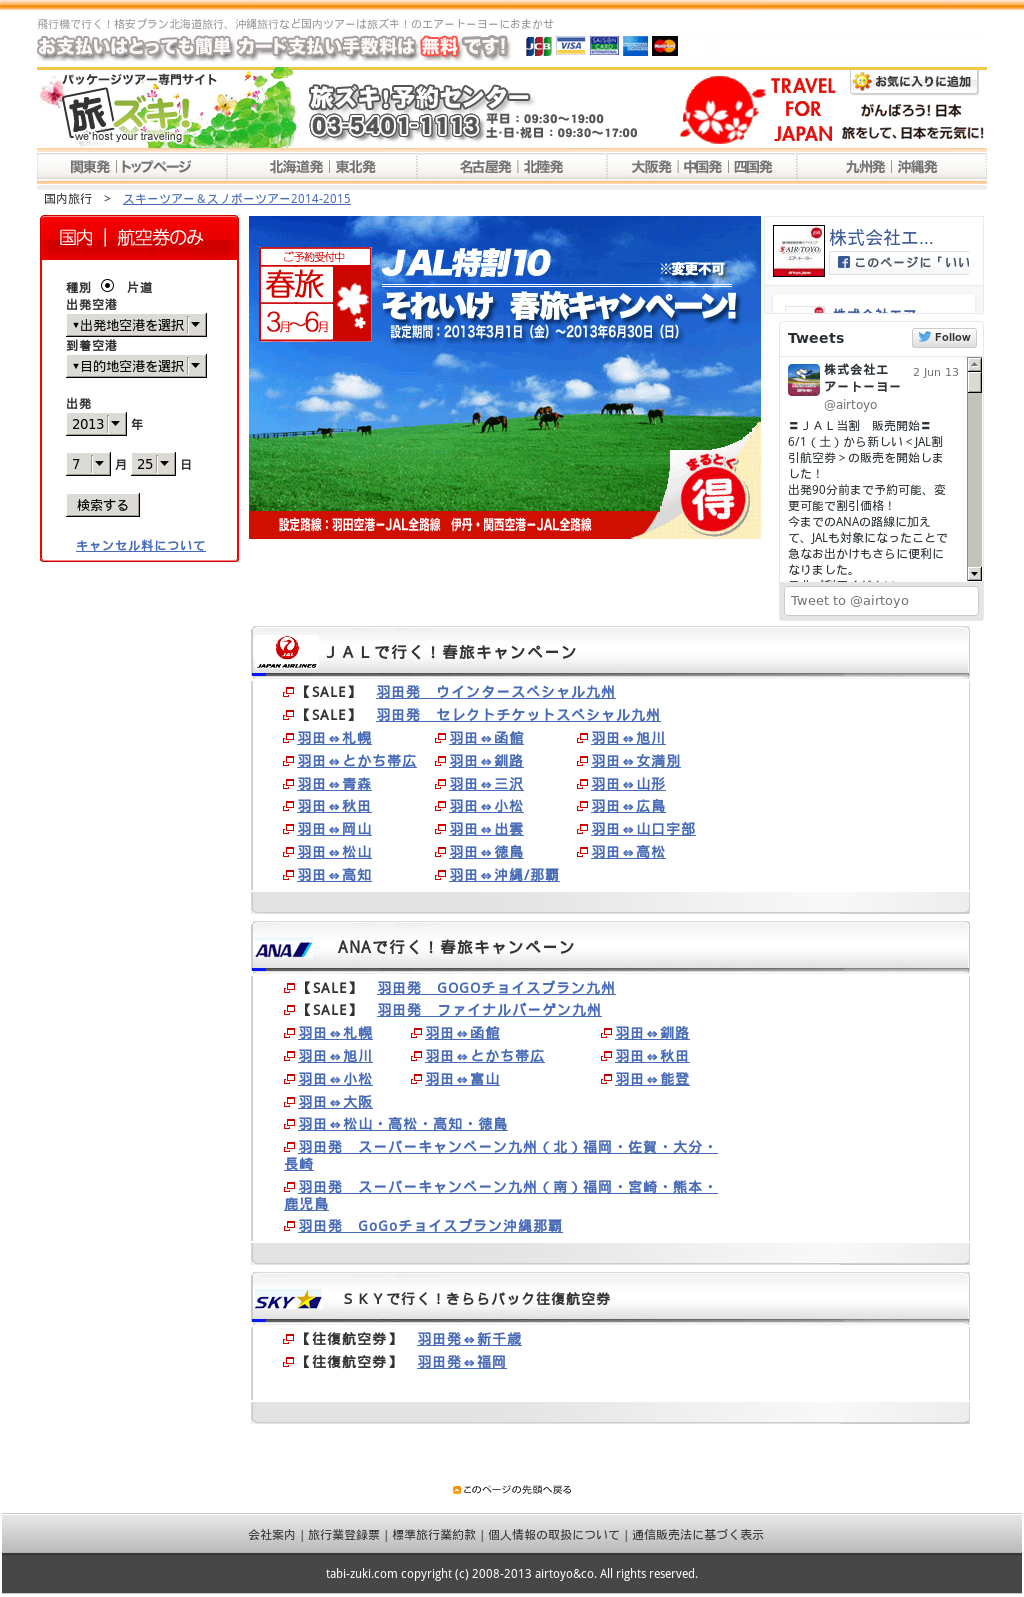 秋田 航空券